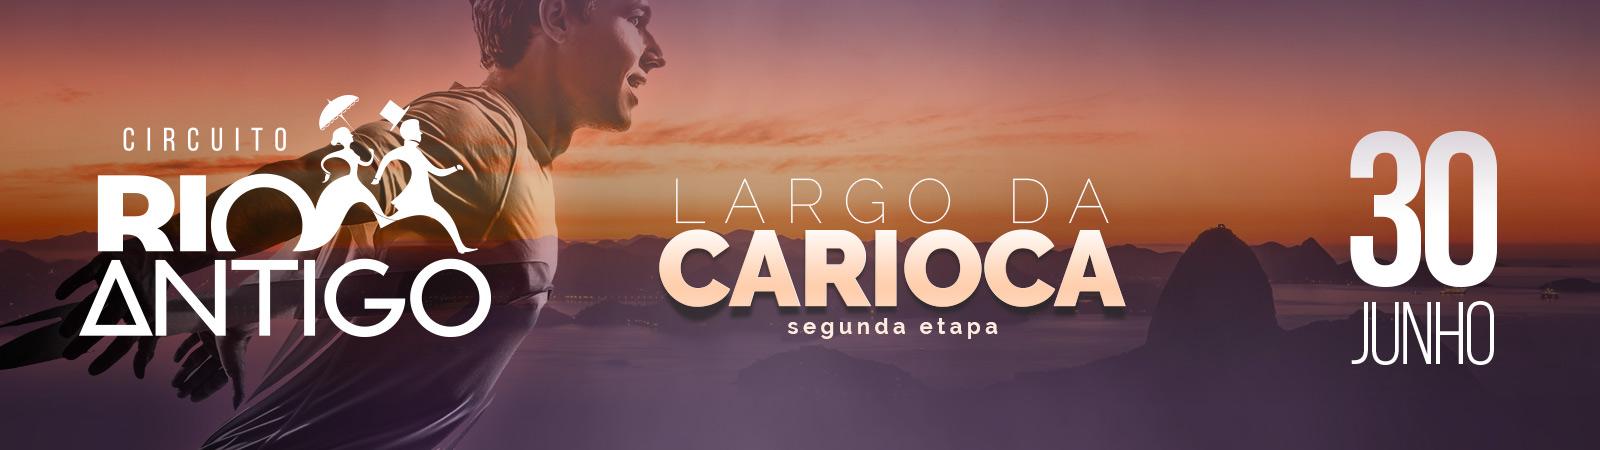 CIRCUITO RIO ANTIGO 2019 -  LARGO DA CARIOCA